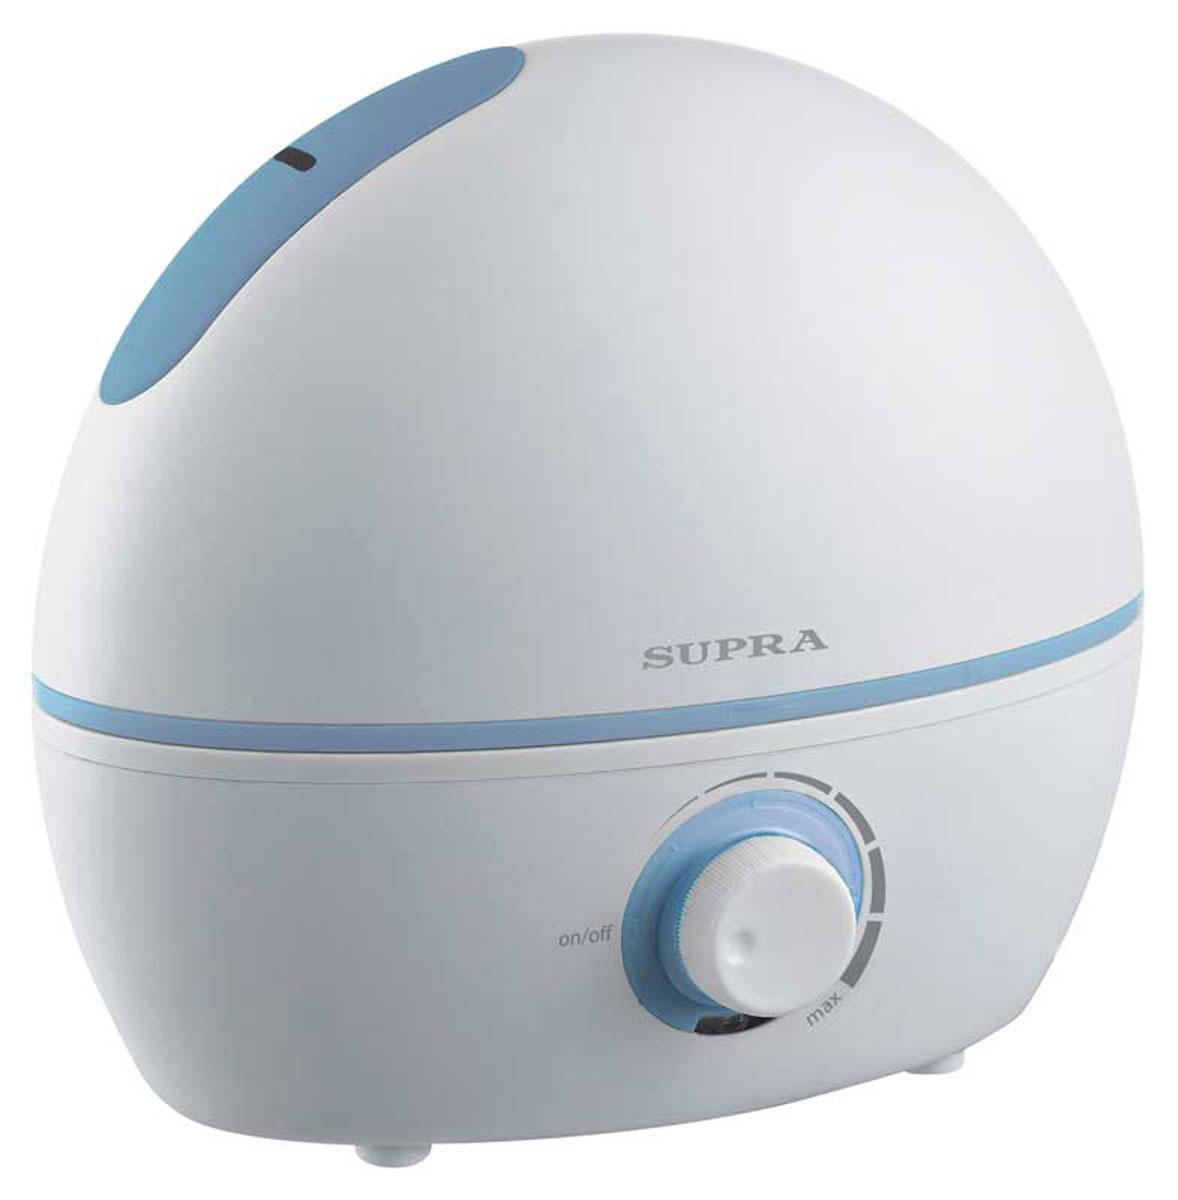 Supra HDS-102, White увлажнитель воздухаHDS-102 whiteУвлажнитель воздуха Supra HDS-102 - незаменимый домашний прибор, который не только создает здоровый микроклимат в доме, офисе и любом другом помещении, но и сохраняет комнатные растения, деревянную мебель в идеальном состоянии. Данная модель очень компактна, ее можно переносить с комнаты в комнату без особого труда. Прибор оснащен индикатором отсутствия воды.